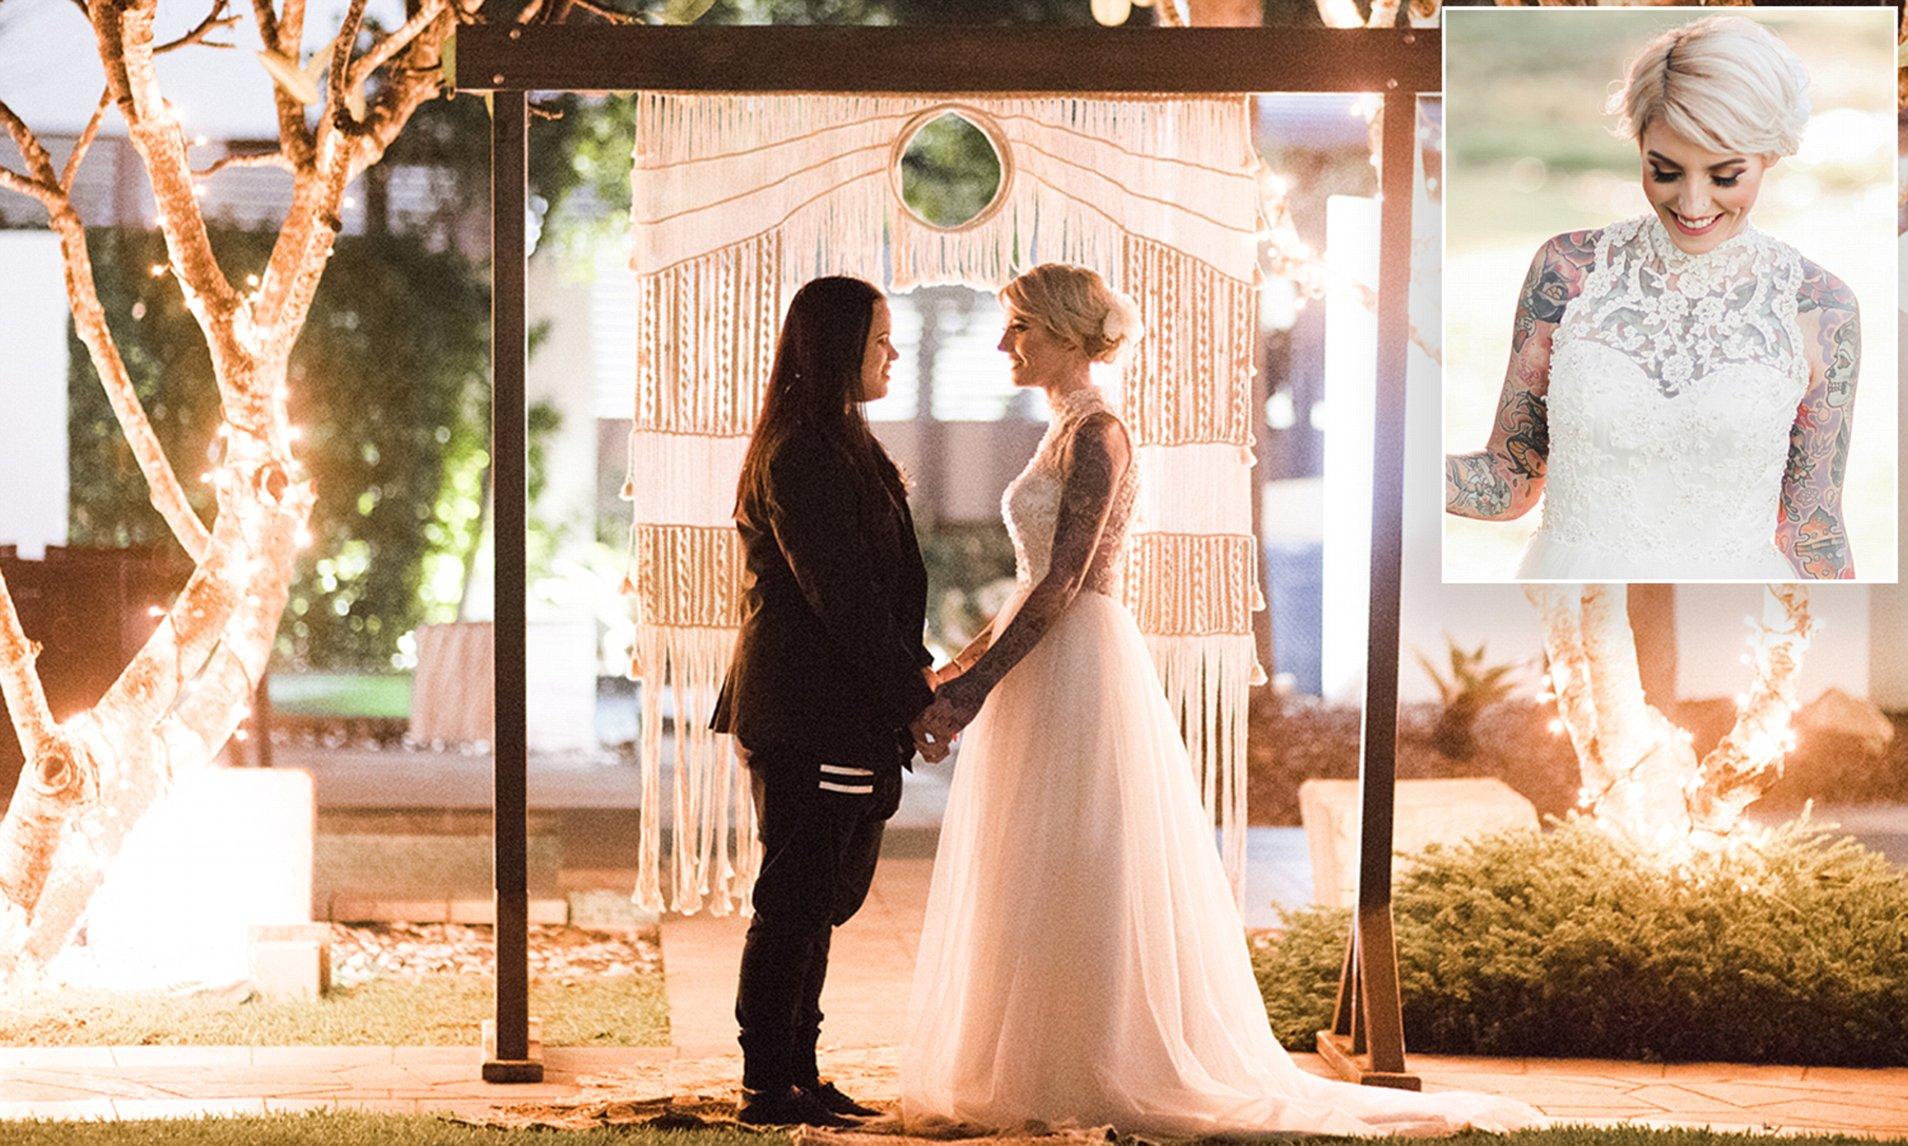 Avustralya'da Yasal Olarak Bağlayıcı Bir Törenle Evlenen İlk Eşcinsel Çift!